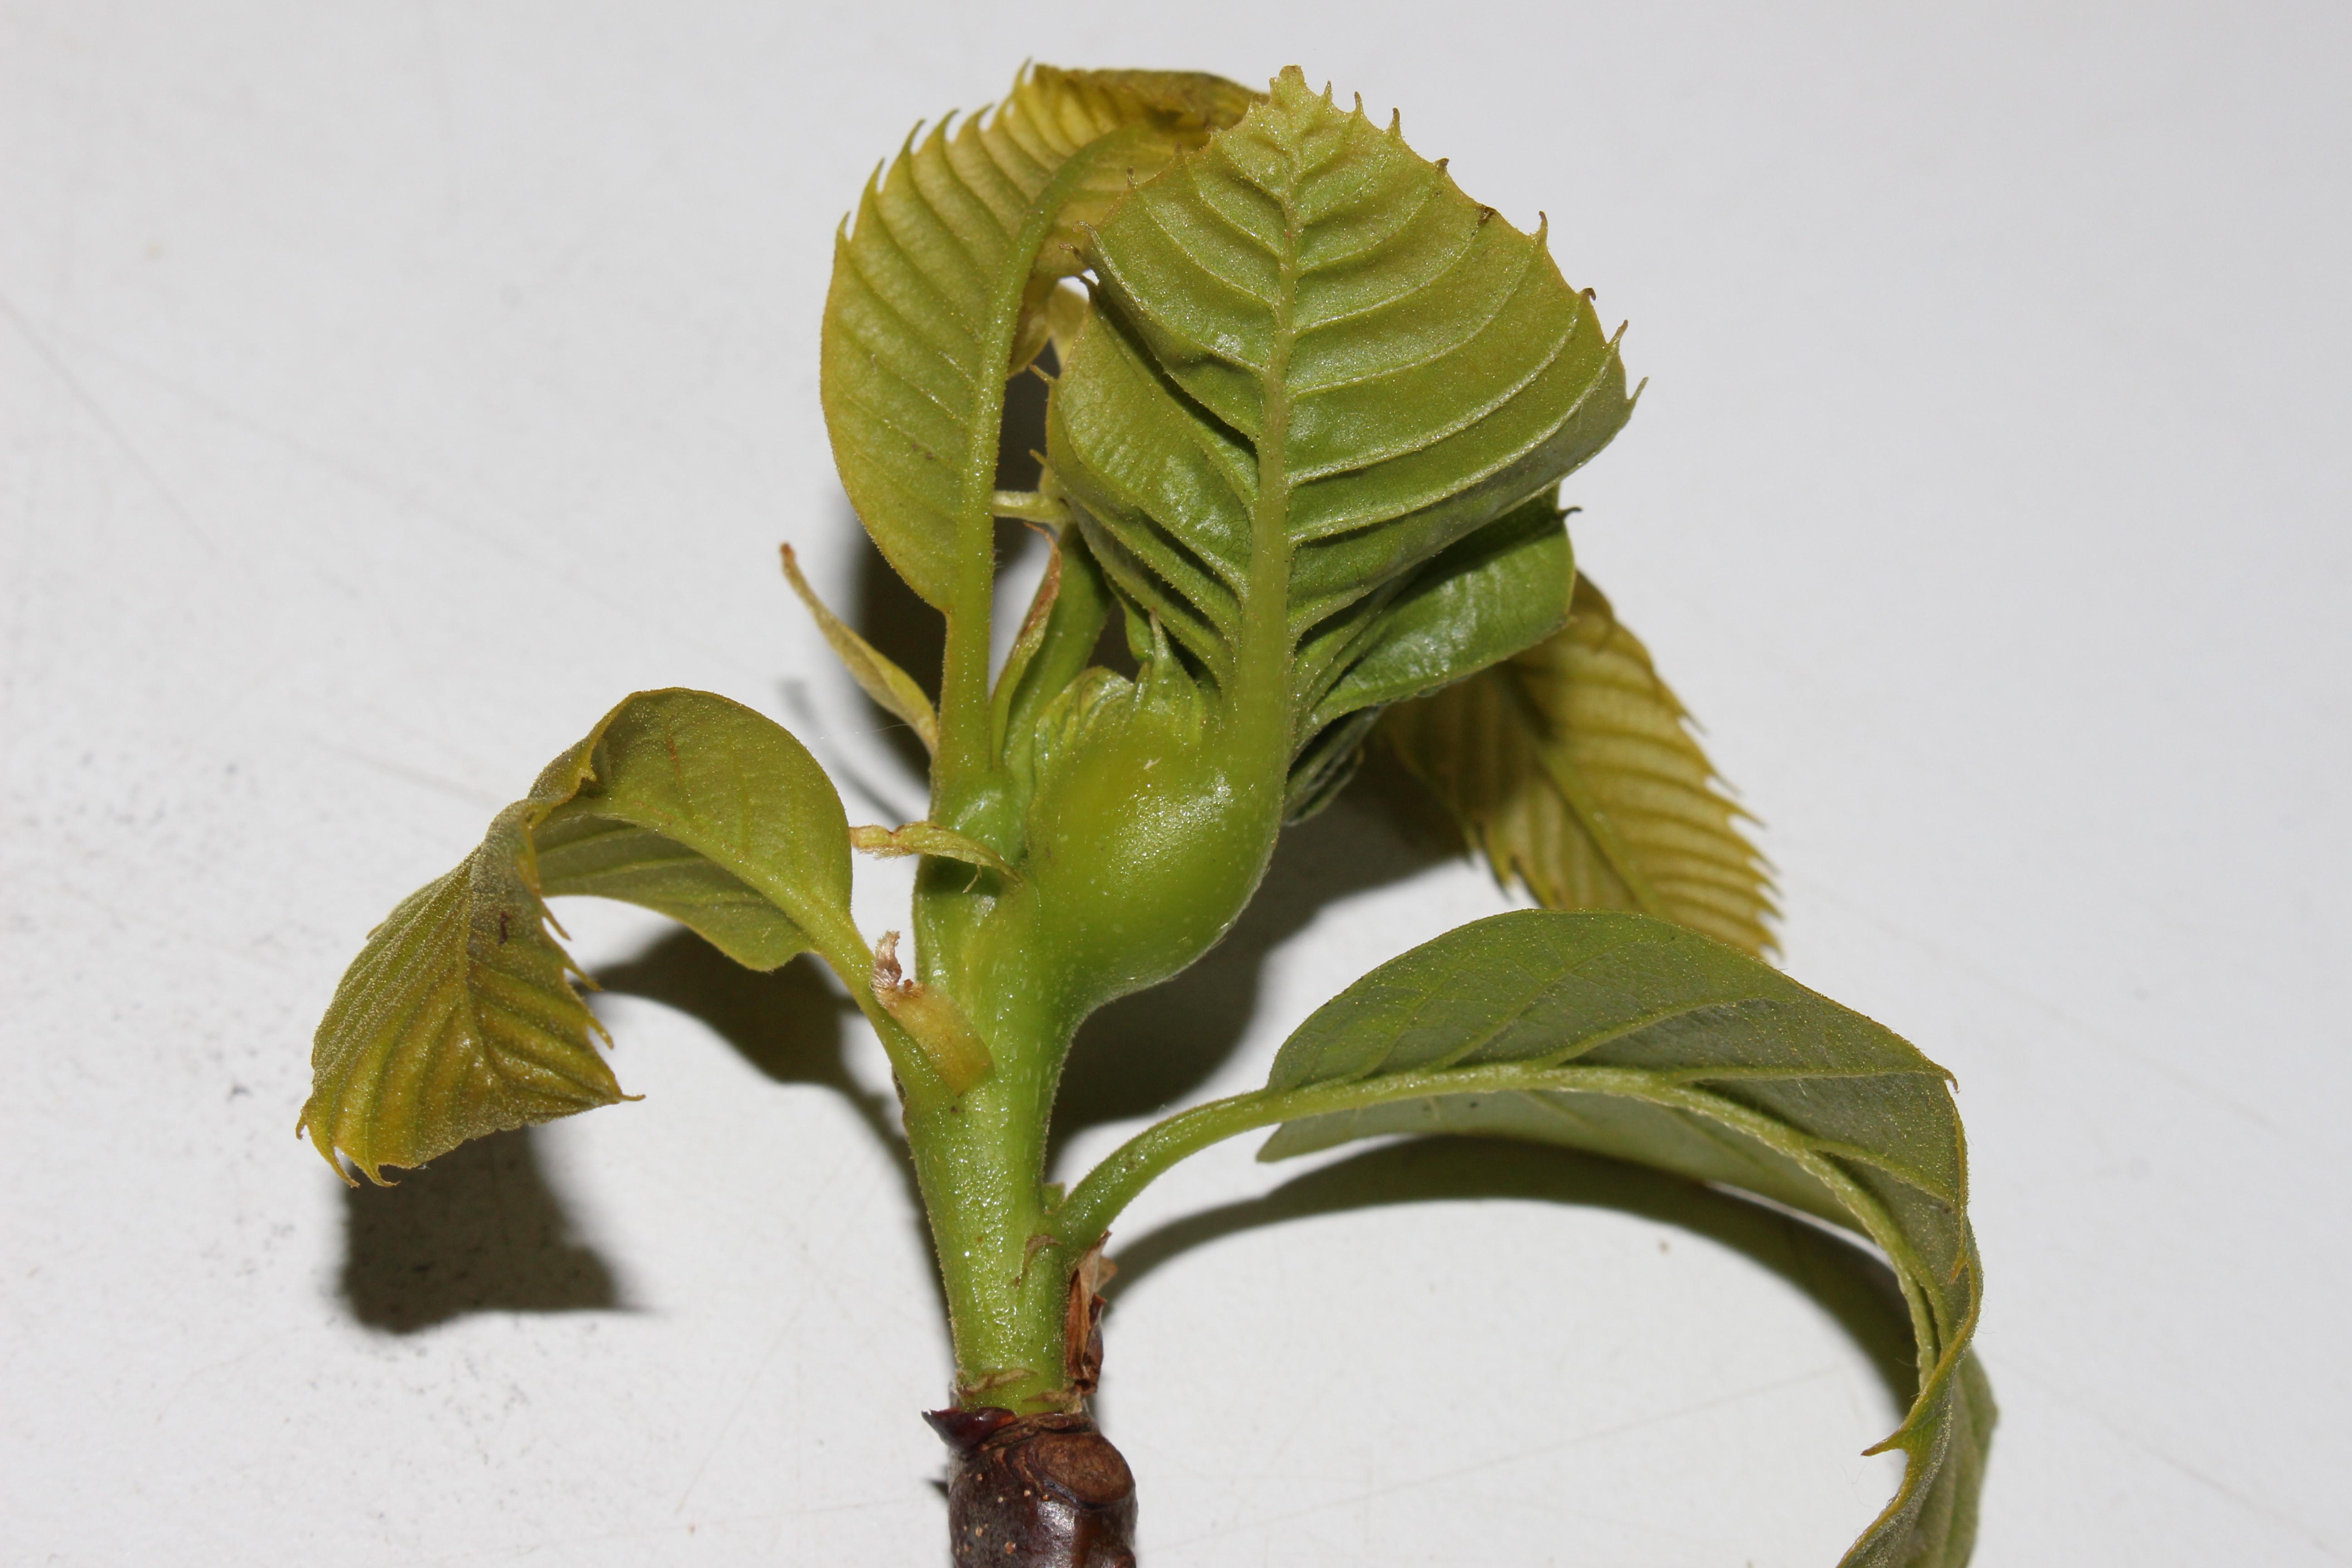 Agalla de avispilla formada a partir de una yema apical